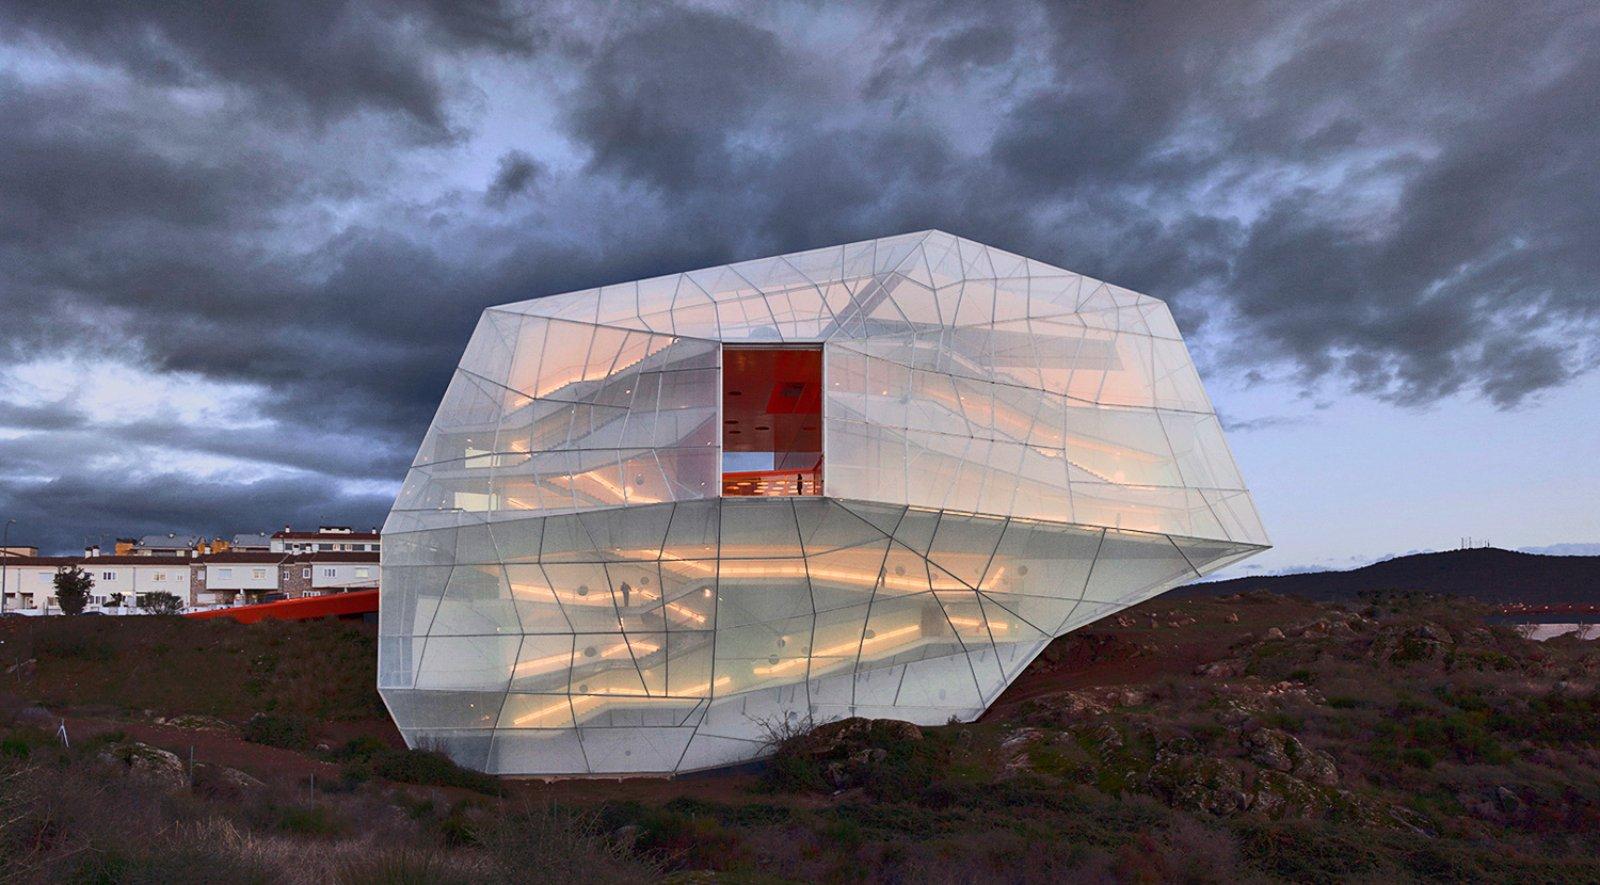 SelgasCano-will-design-the-Serpentine-Pavilion-2015-00